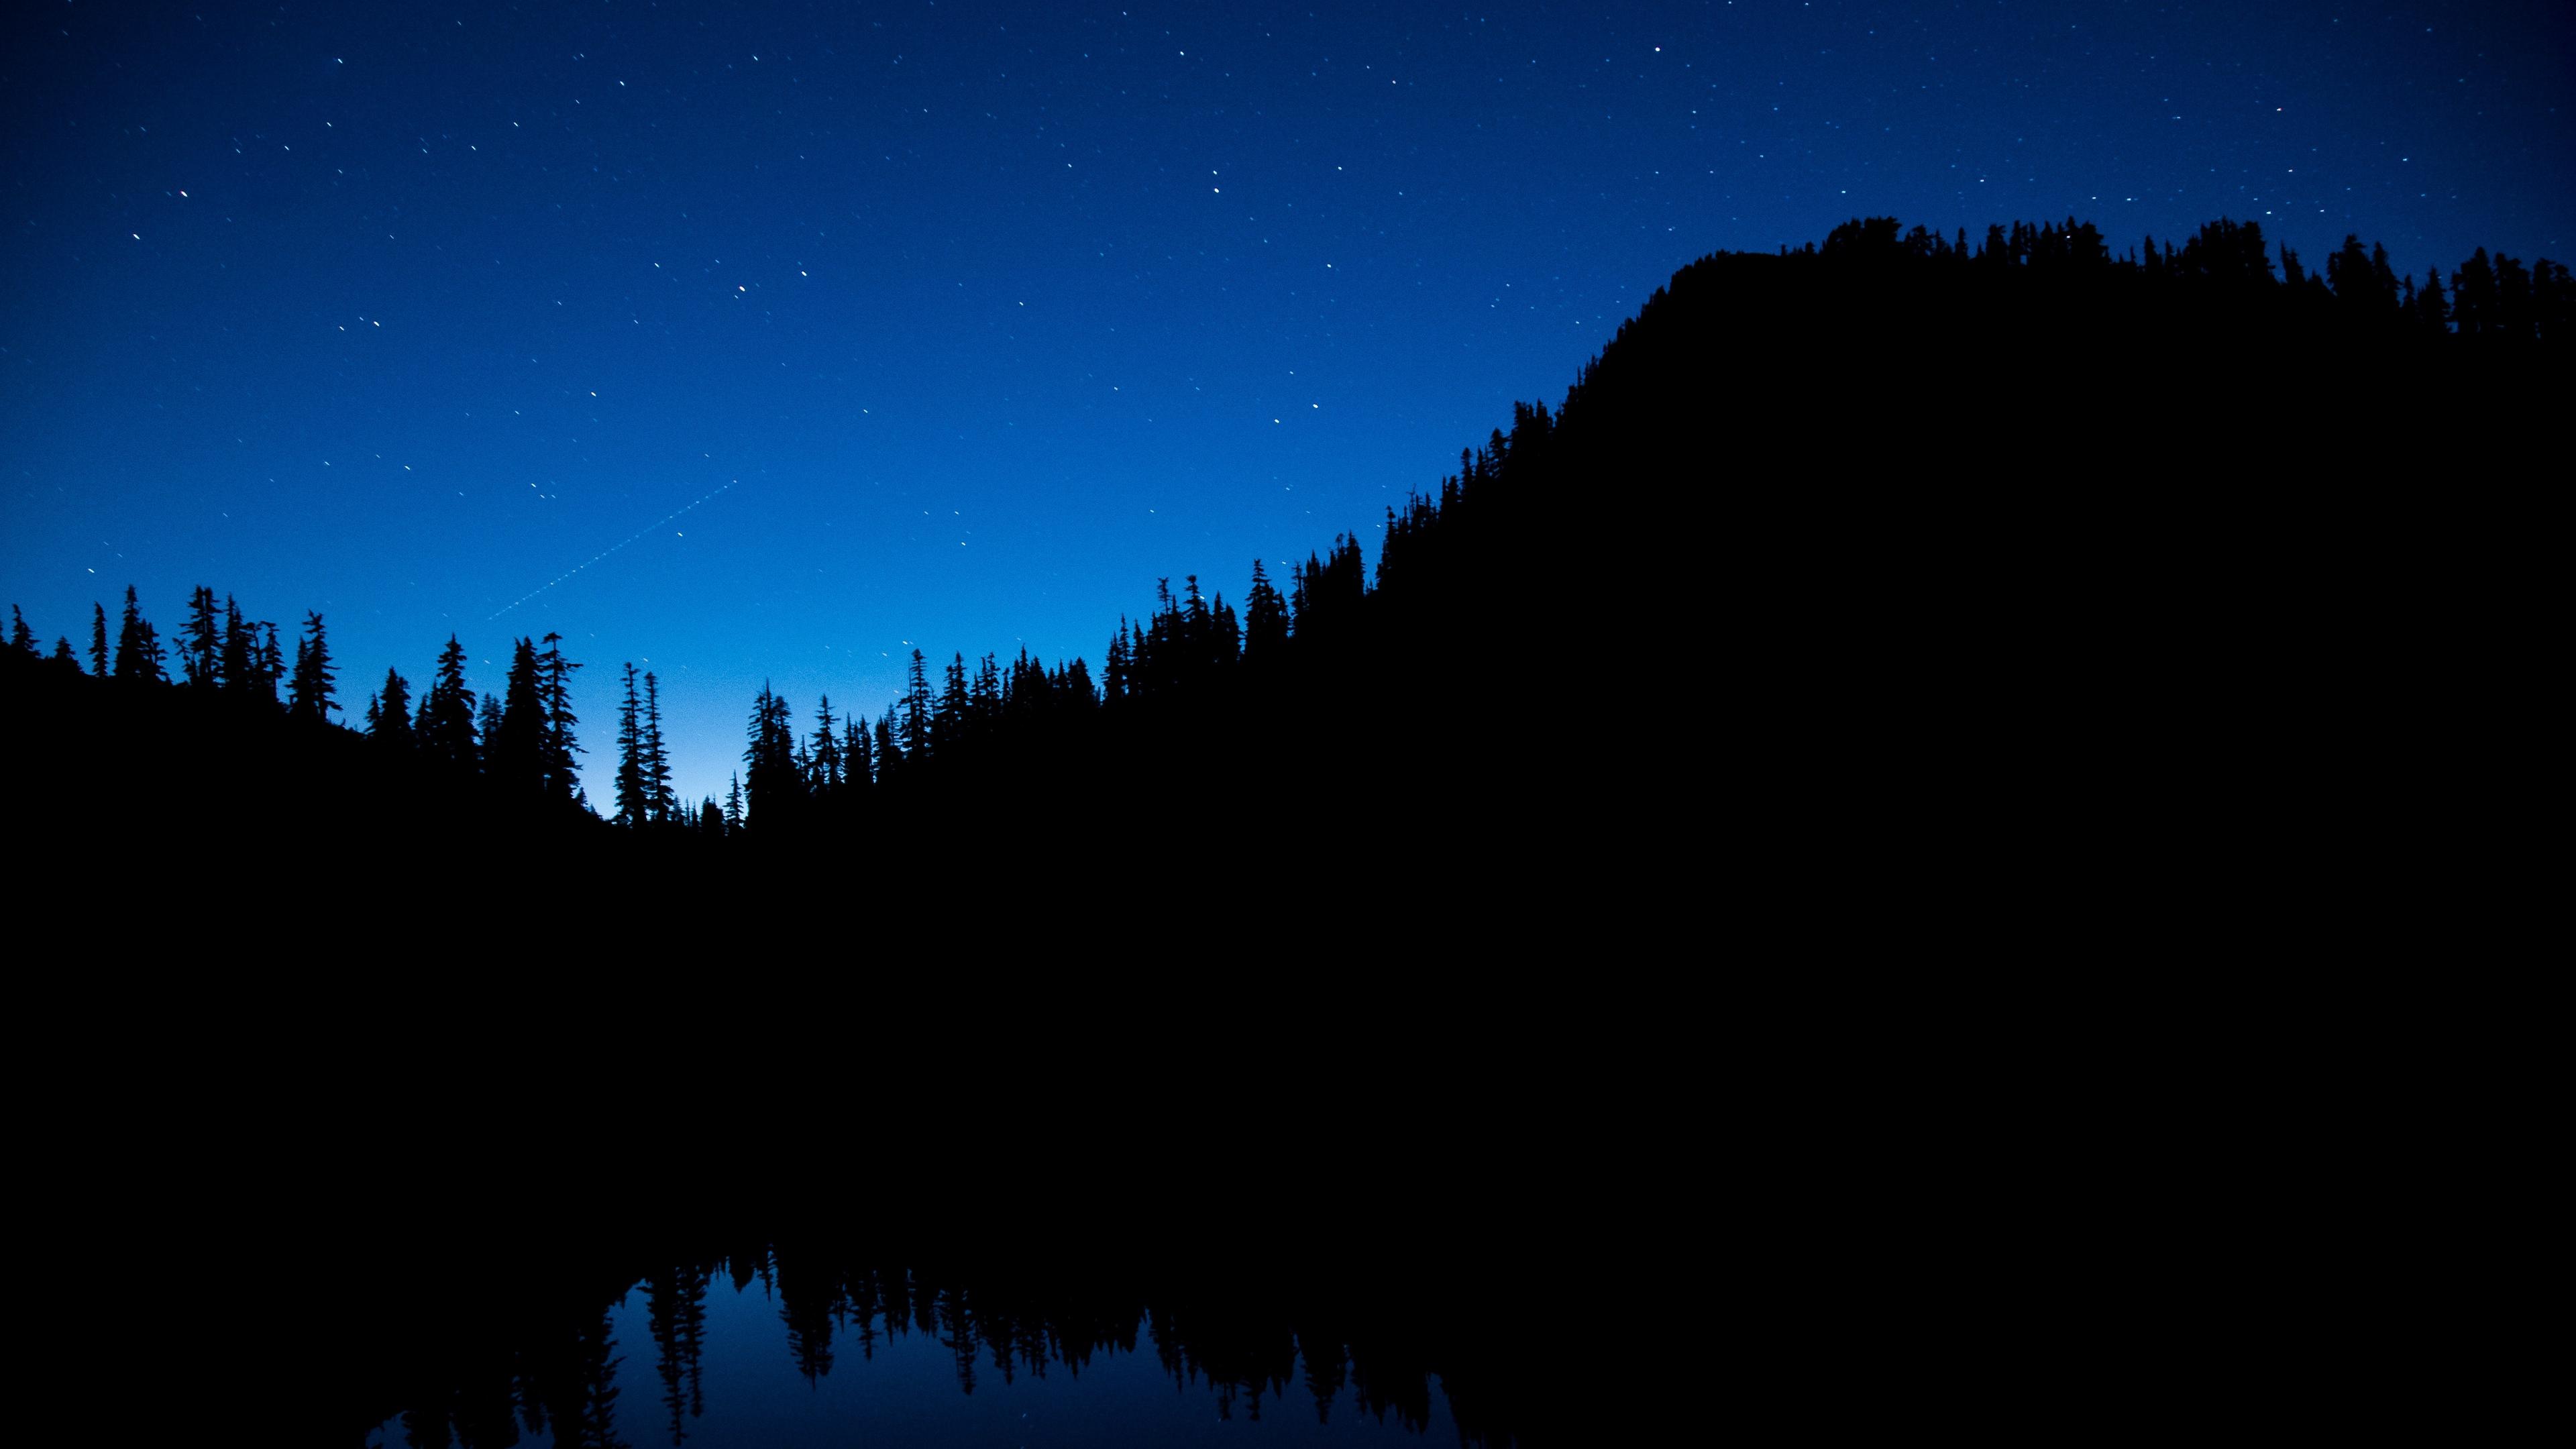 night sky trees starry sky 4k 1540576071 - night sky, trees, starry sky 4k - Trees, starry sky, night sky